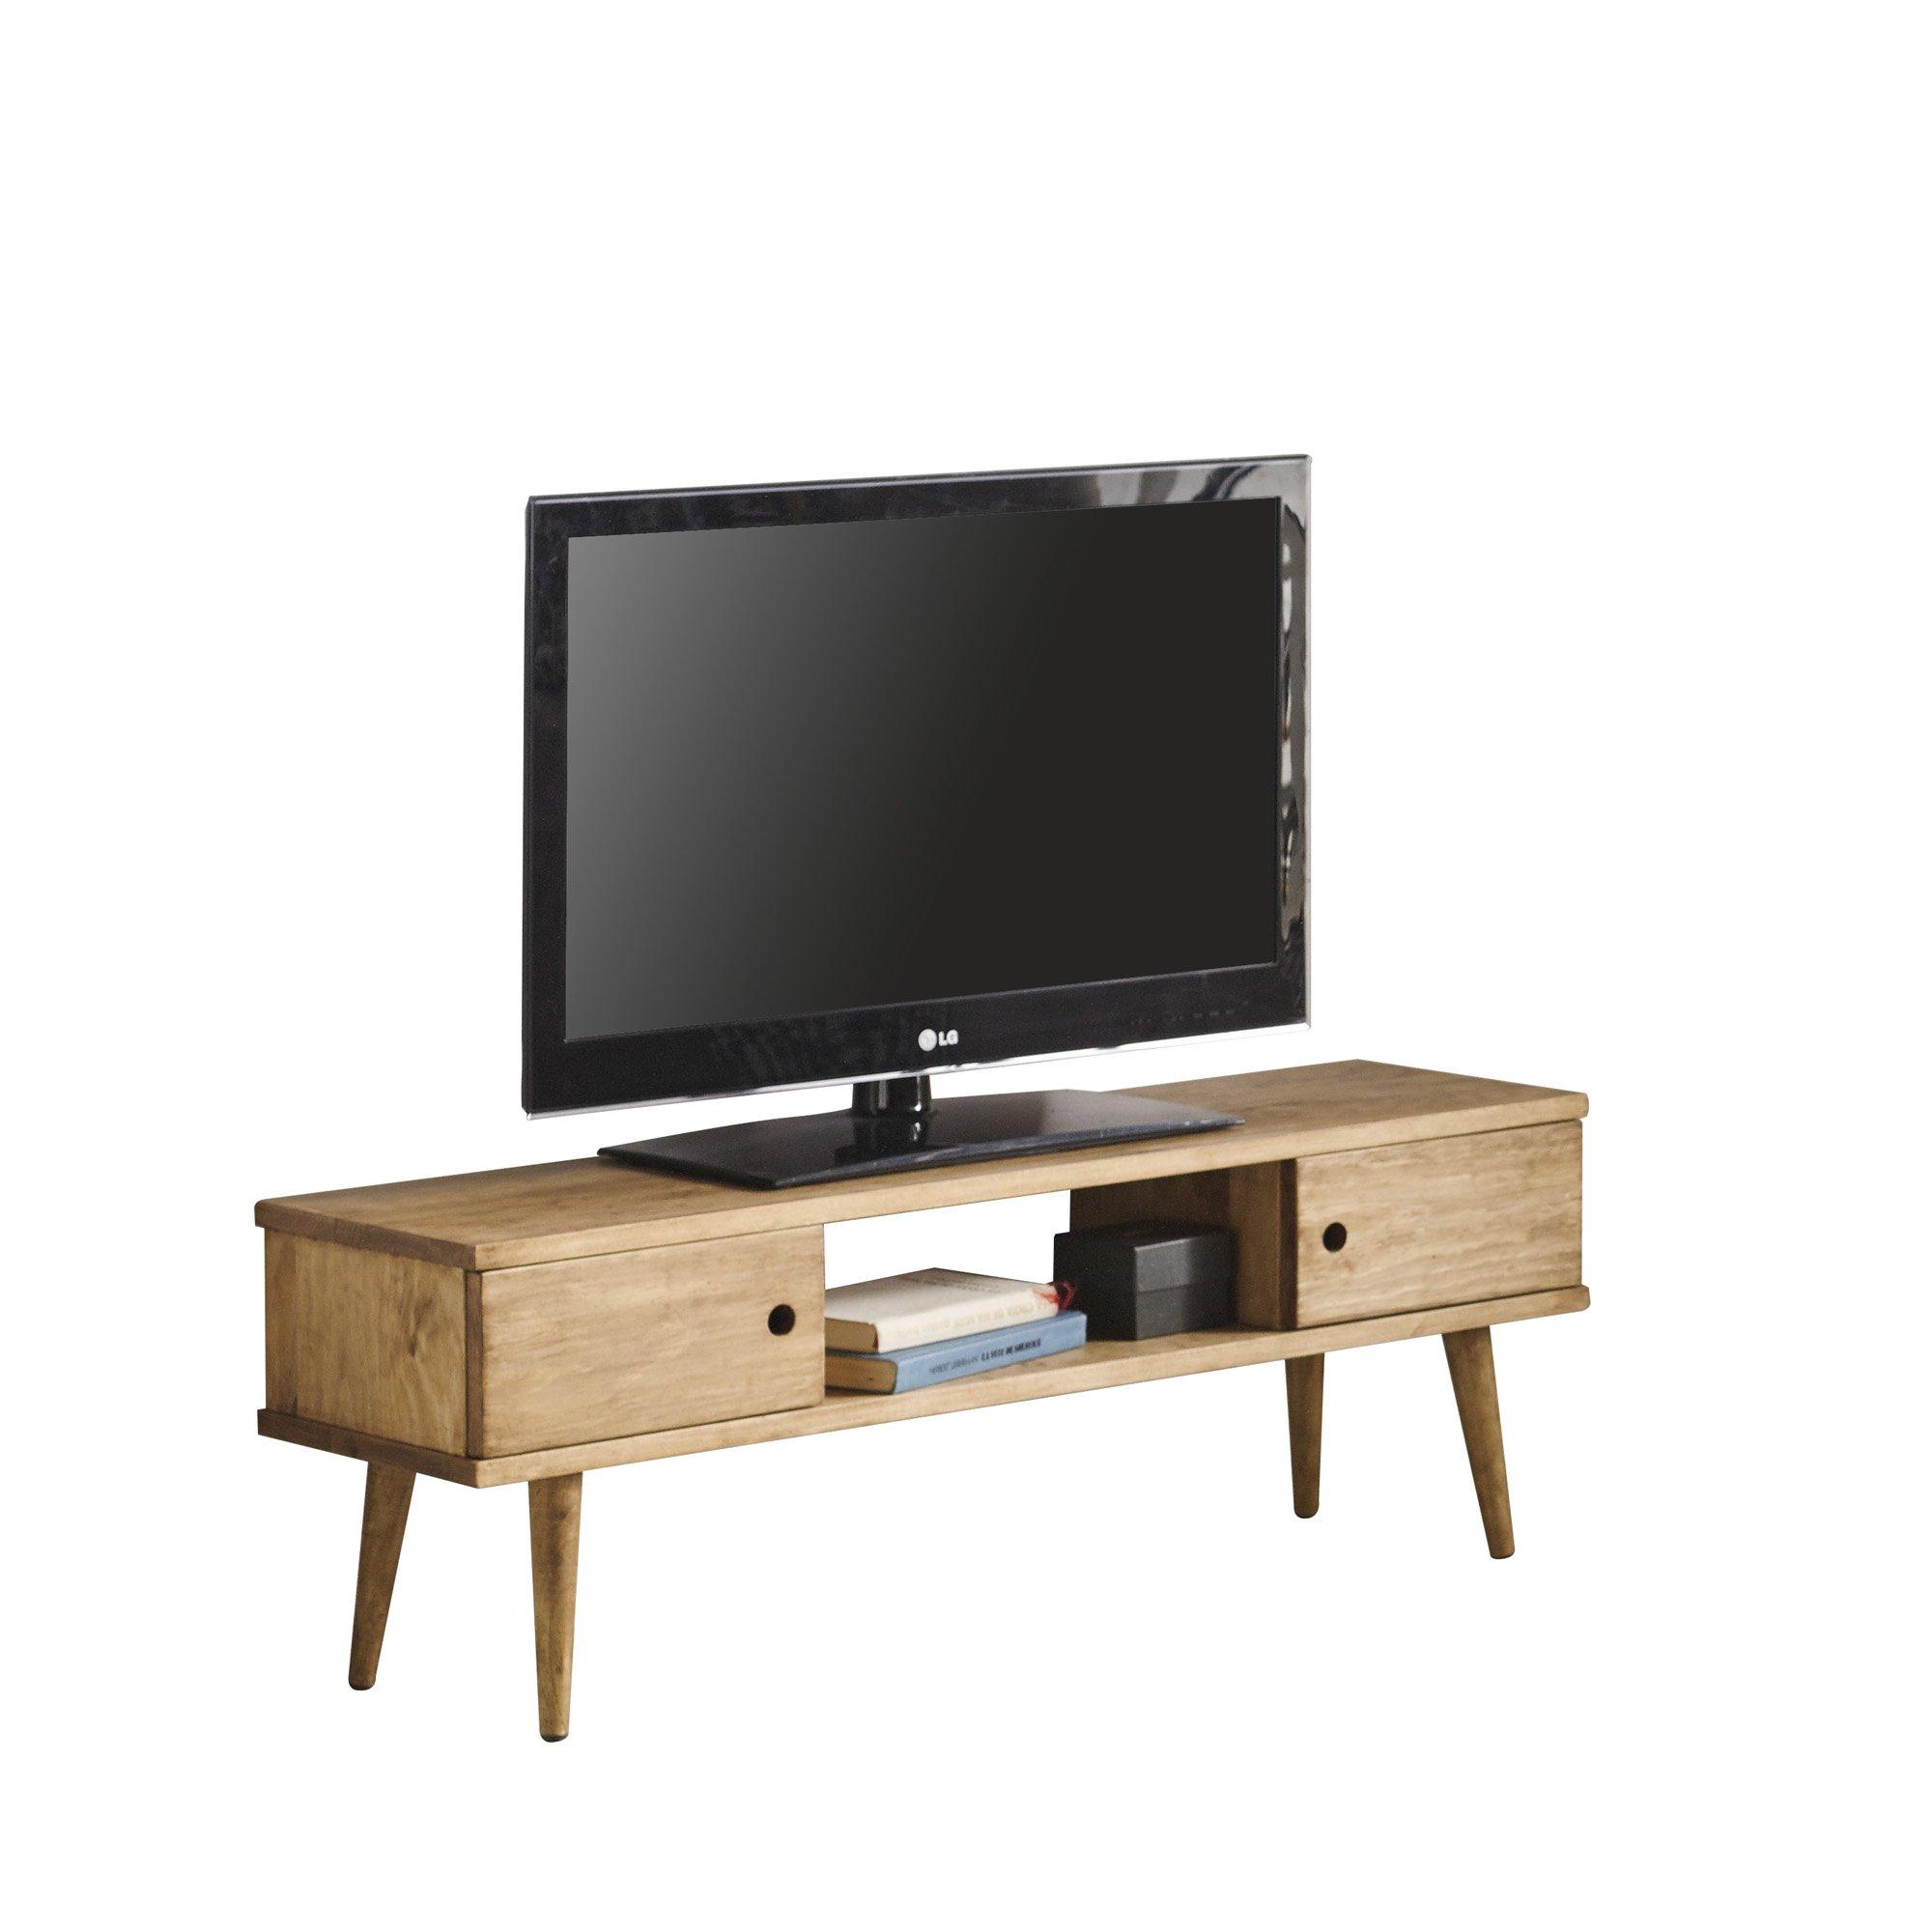 Hogar24 Meuble Tv Salon Design Vintage 2 Portes Et Etagere En Bois Massif Naturel Fabrication Artisanale 110 X 40 X 30 Cm Deco Royale